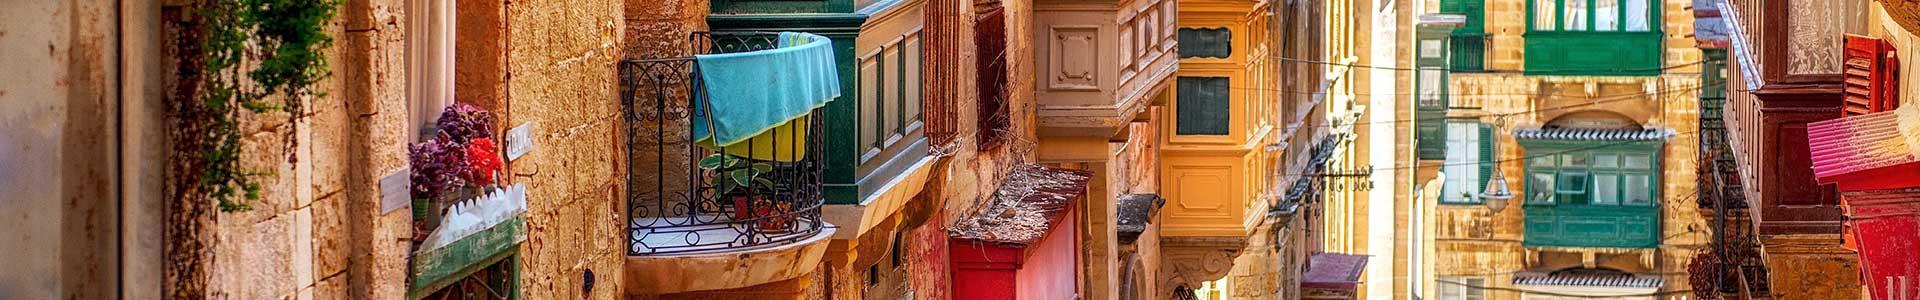 Voyage à Malte - TUI